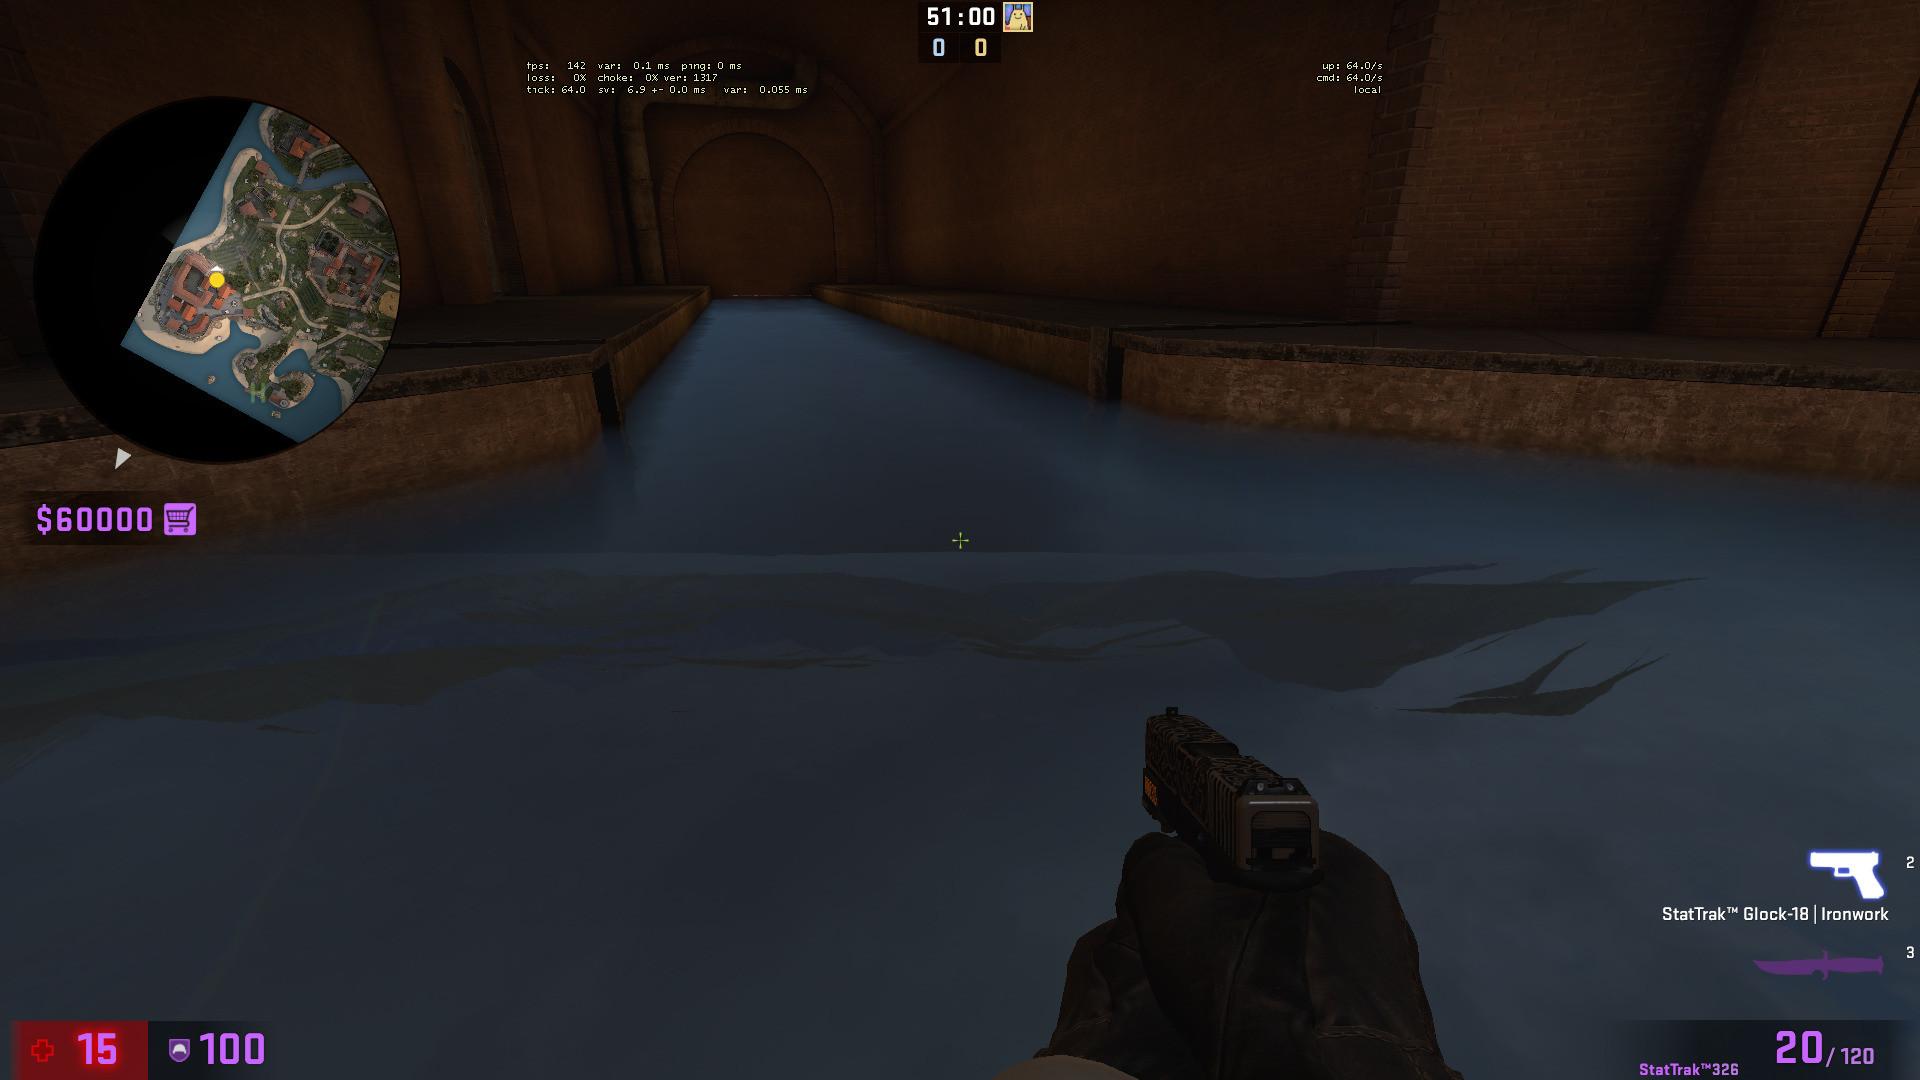 Counter-strike-Global-Offensive-Screenshot-2021_09.07-13_38_41_88.jpeg.961436b4657dc5f34c72e98bc9df92c4.jpeg